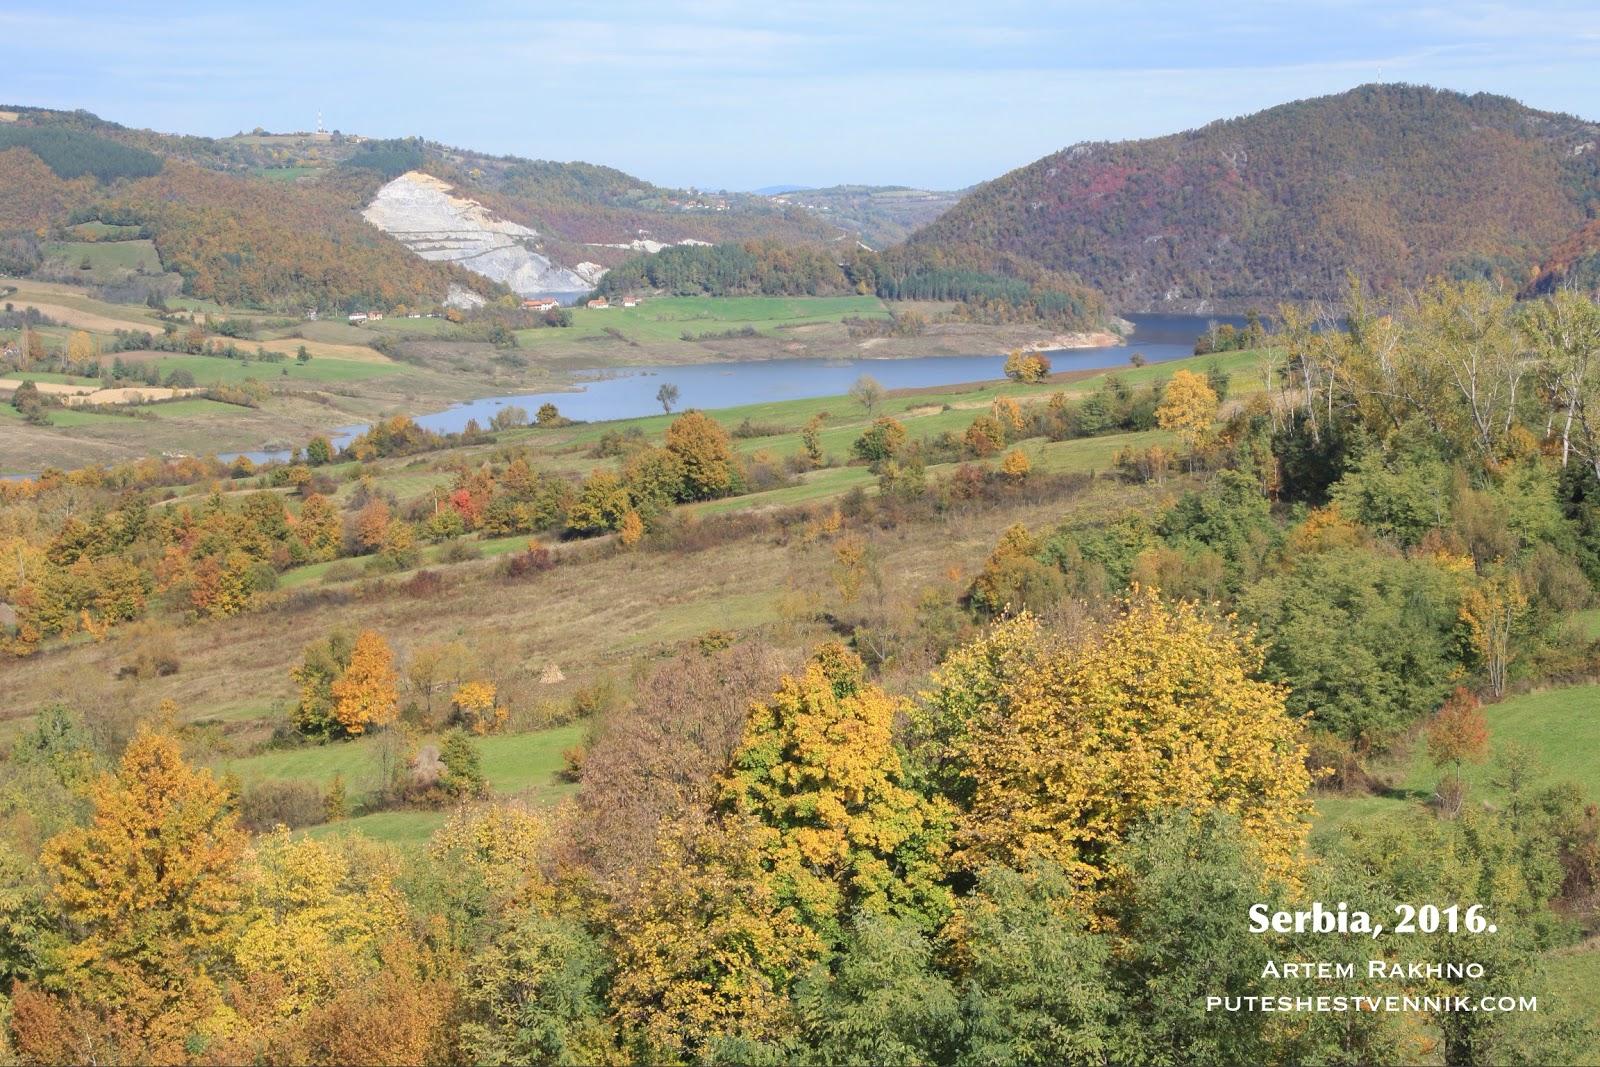 Осень и водохранилище в Сербии